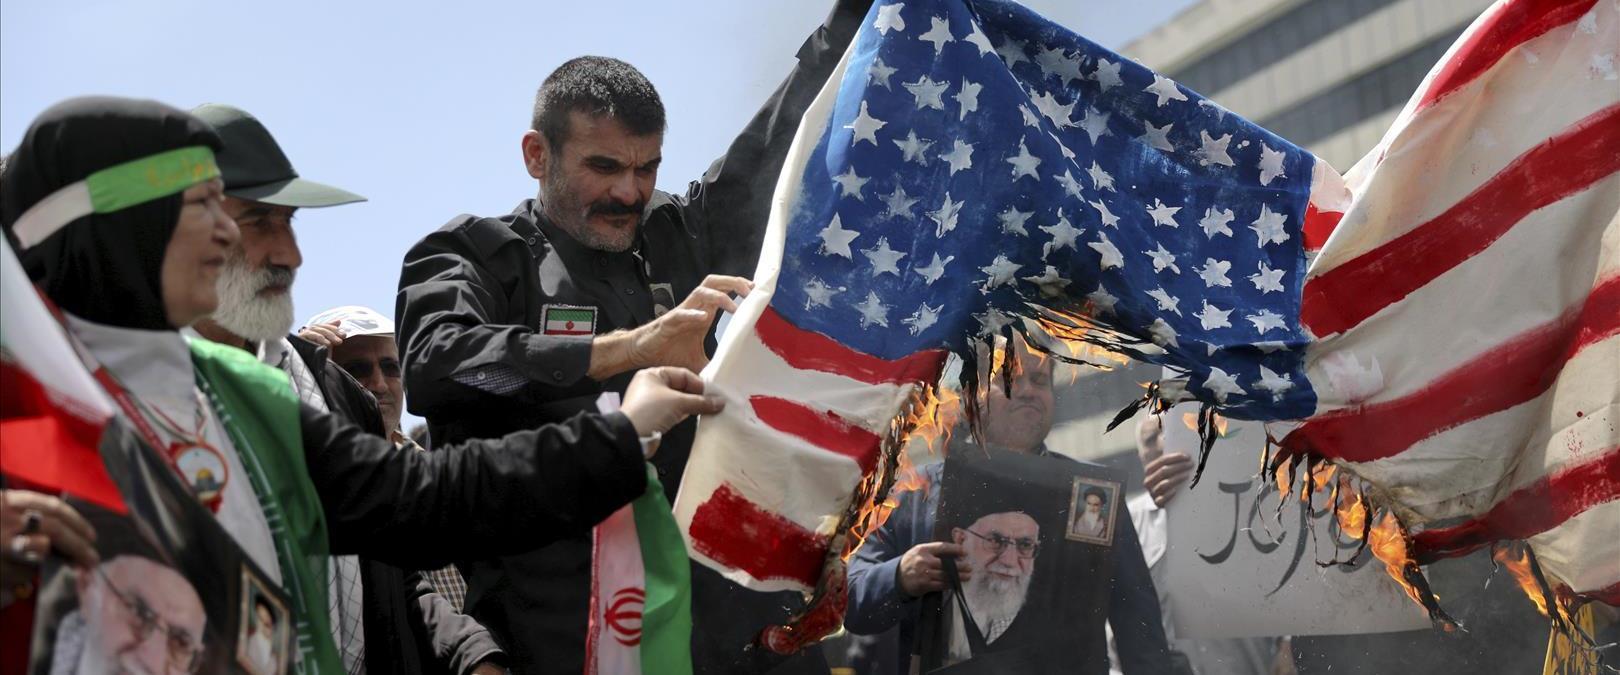 שורפים דגלי ארצות הברית באיראן